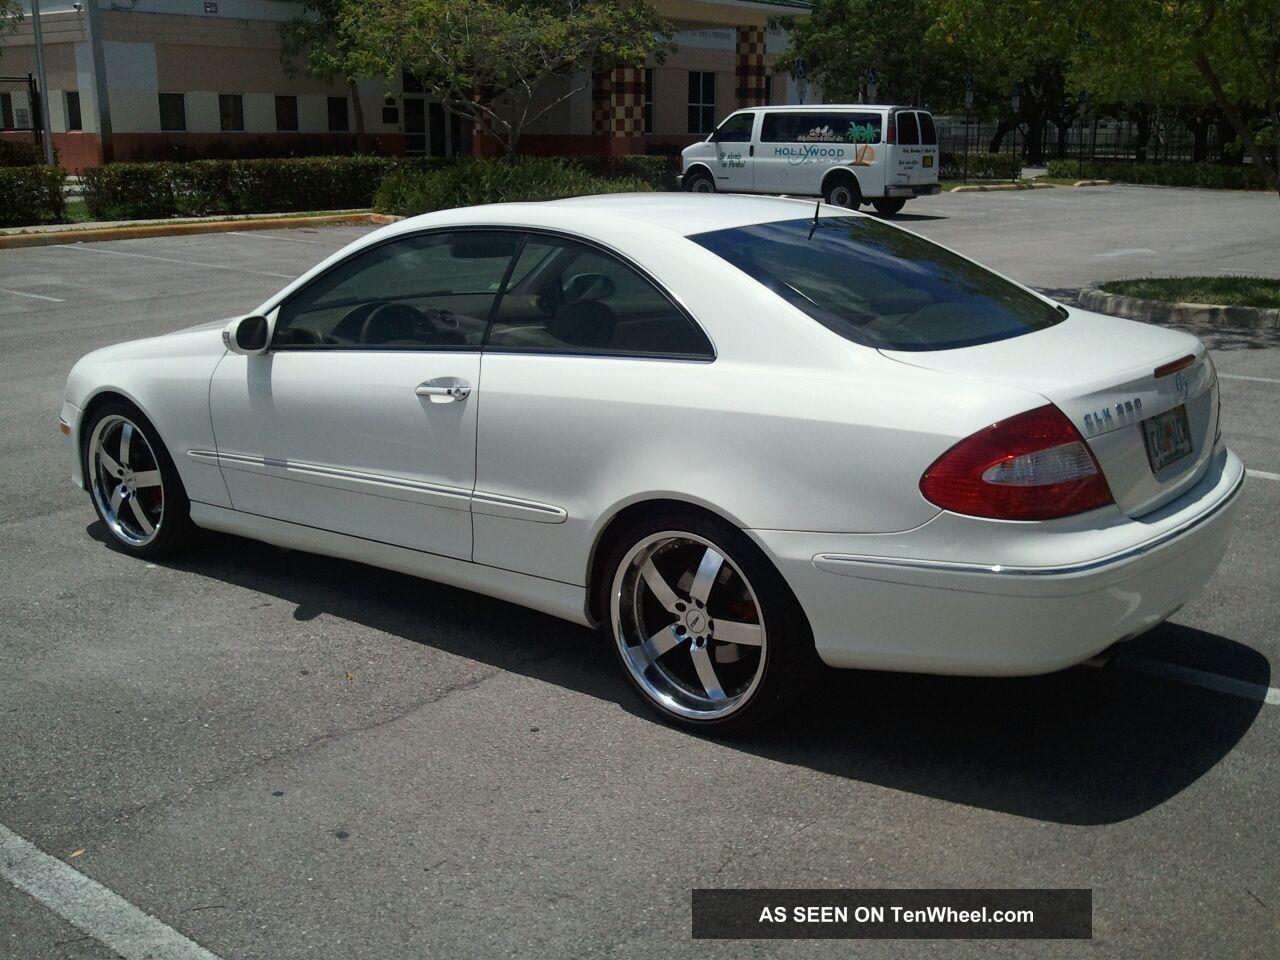 Mercedes Benz A Class >> 2006 MERCEDES-BENZ CLK-CLASS - Image #14